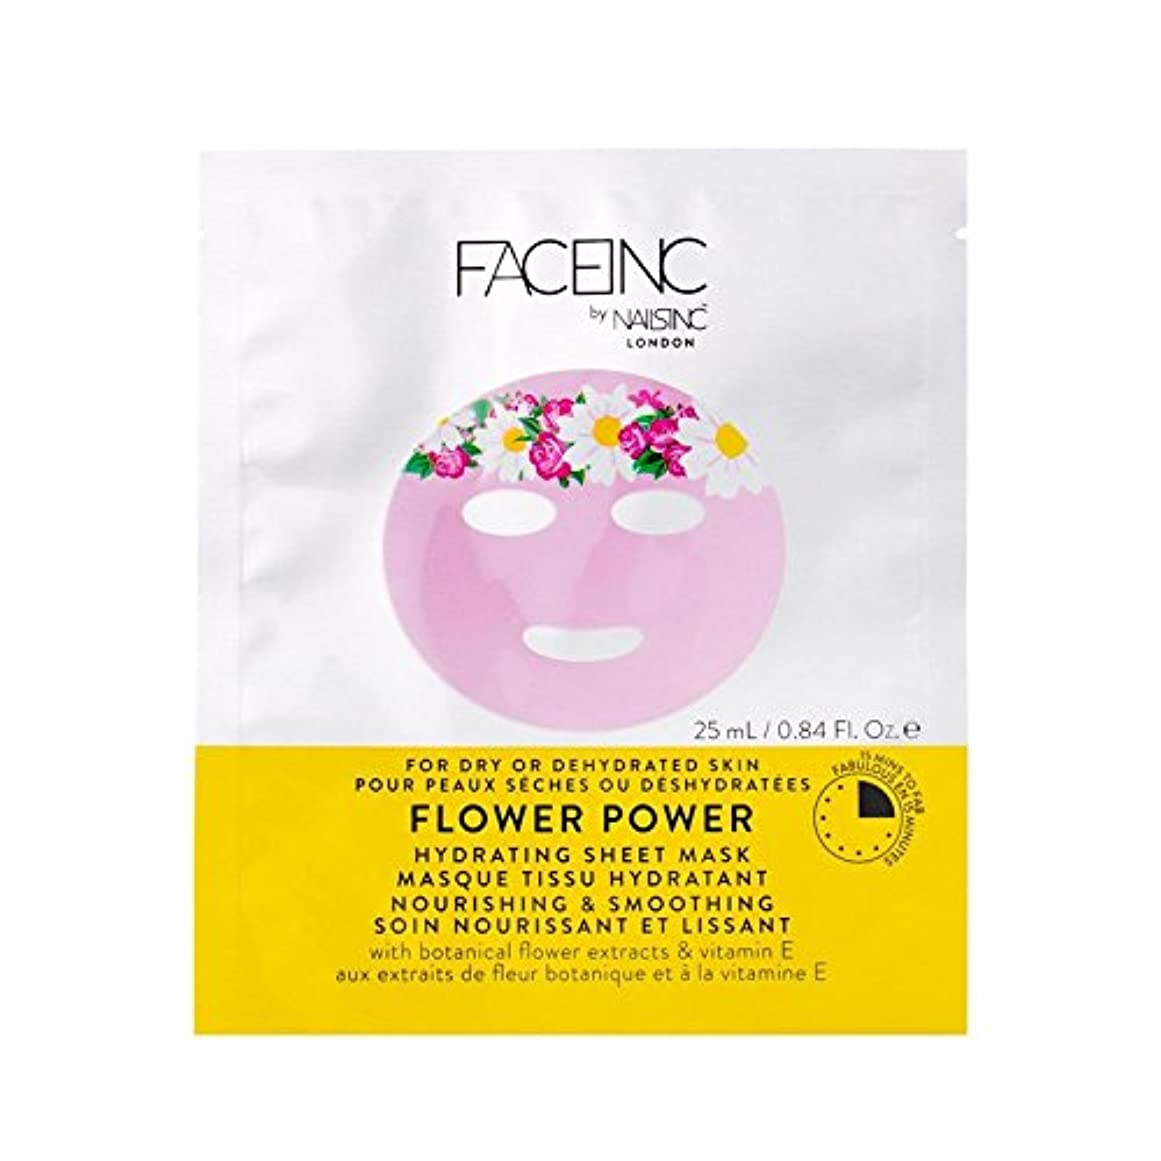 受信機密度近代化するNails Inc. Face Inc Flower Power Mask (Pack of 6) - 爪が株式会社顔株式会社花のパワーマスク x6 [並行輸入品]